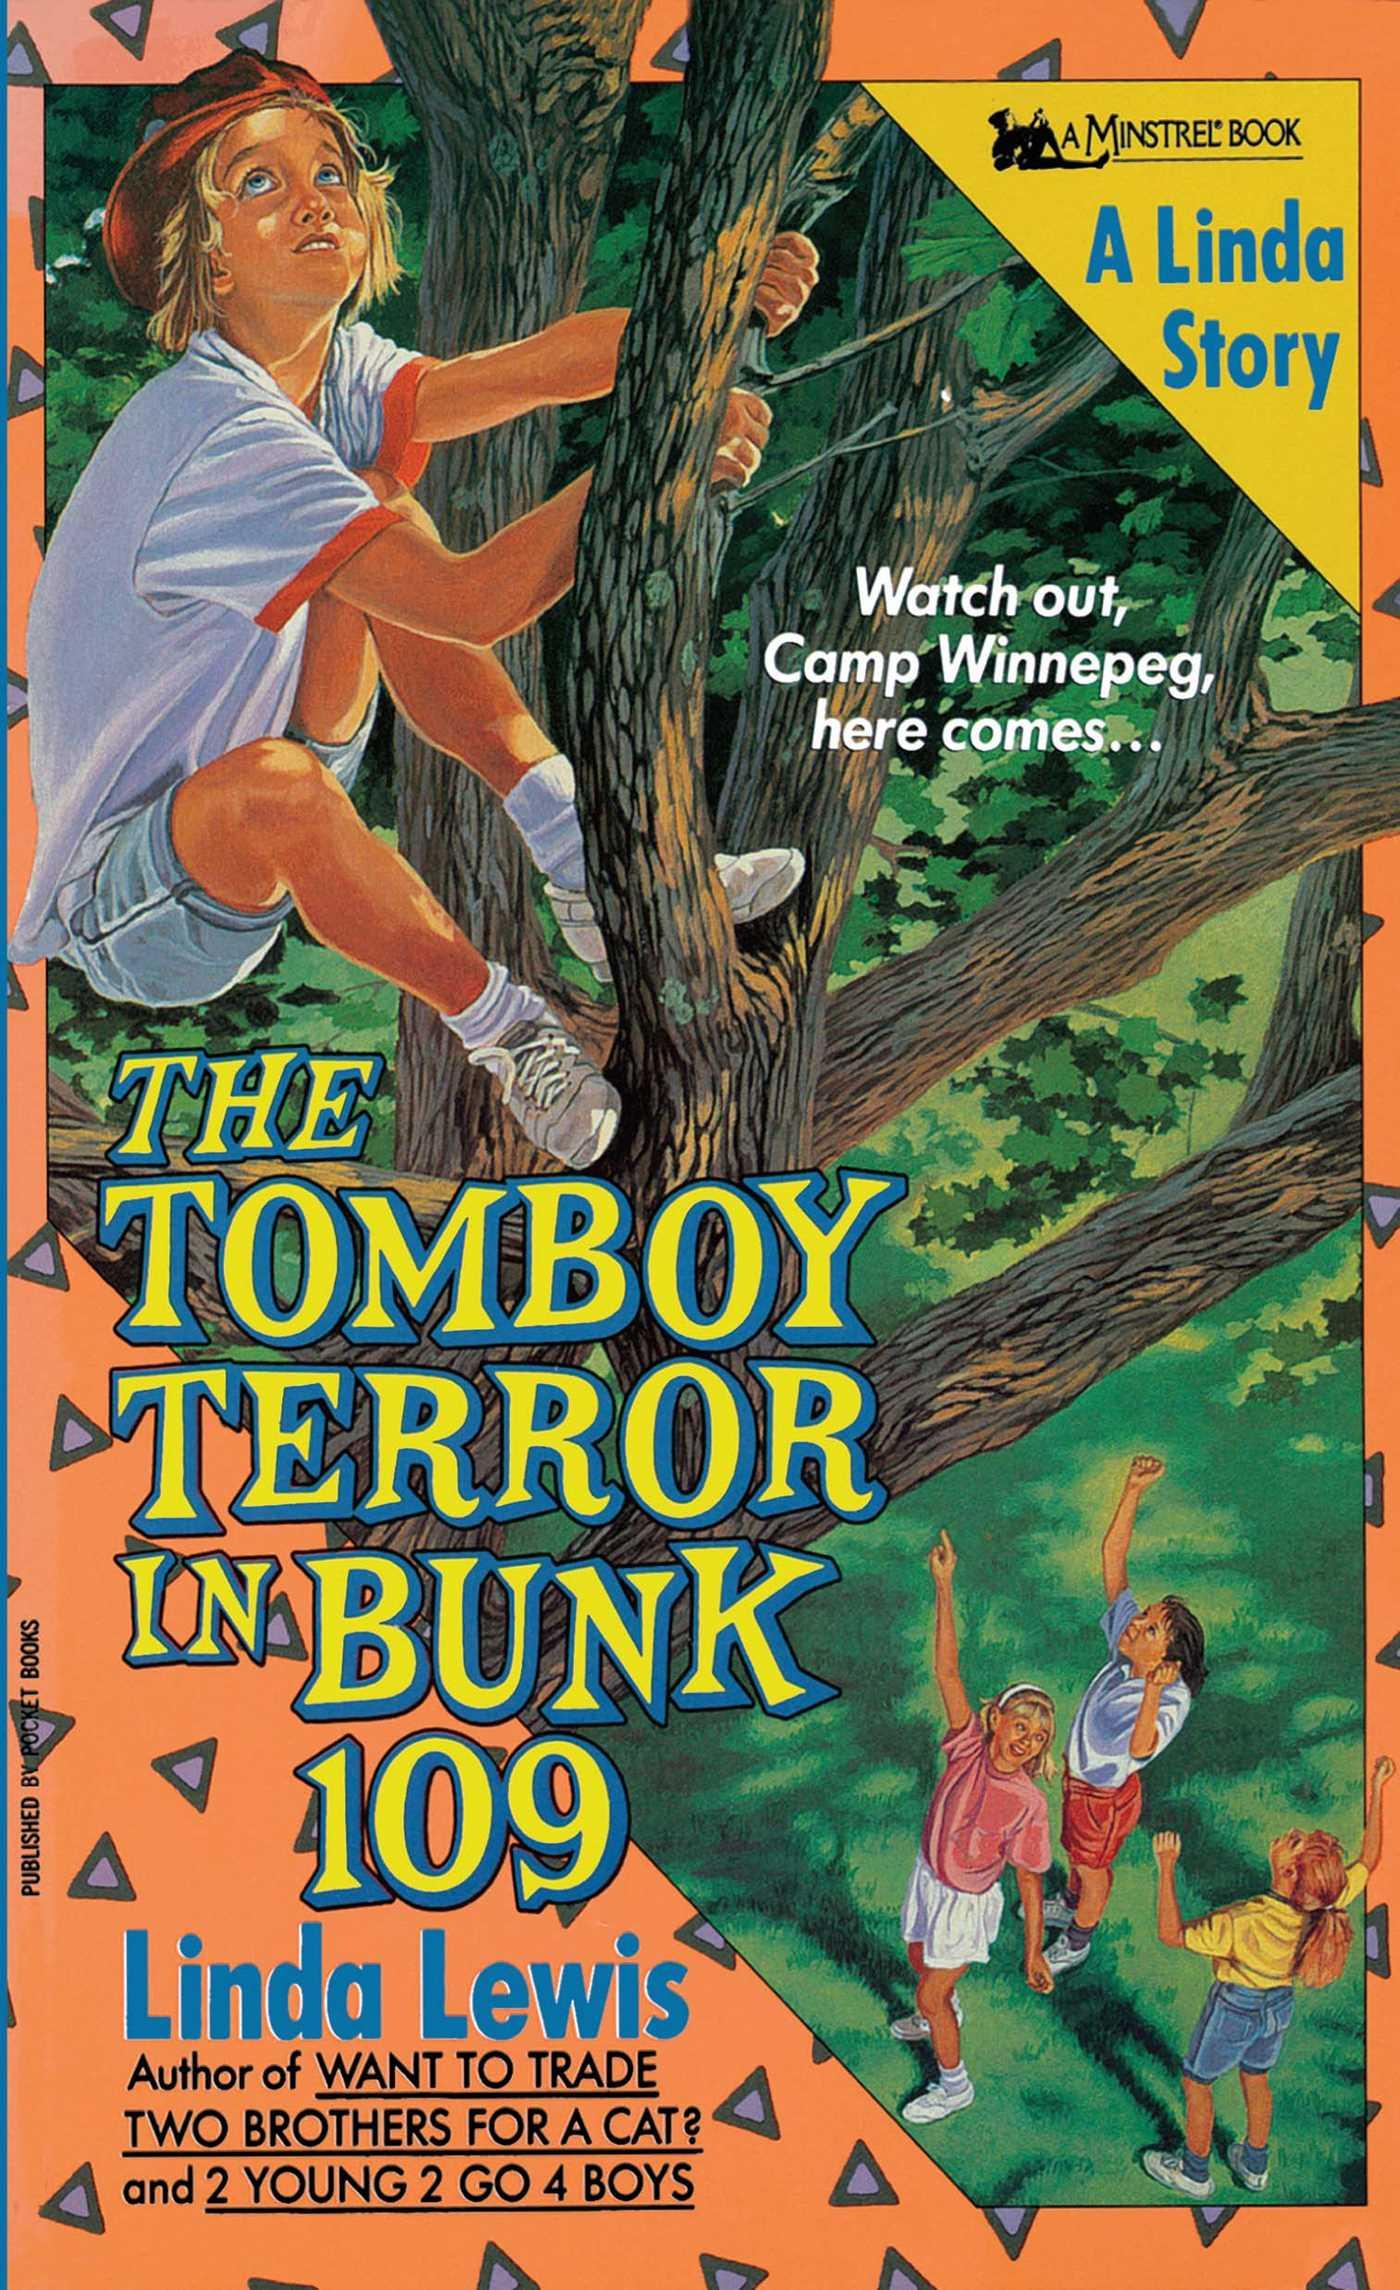 Tomboy terror in bunk 109 9781416975397 hr